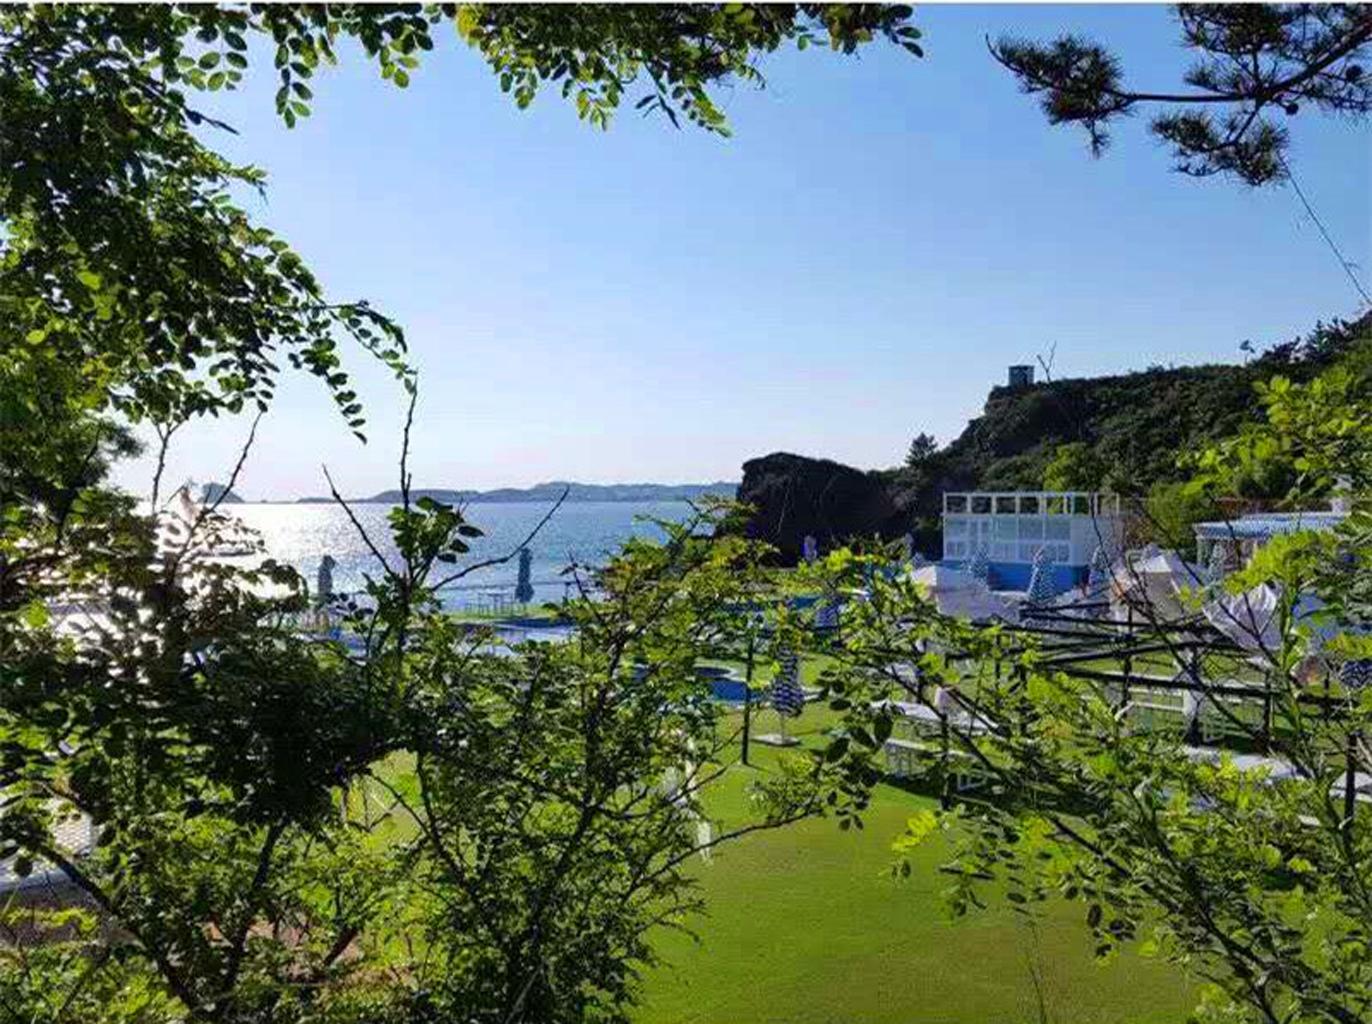 住大连海山岛度假酒店1晚,远离城市喧嚣,纵享海岛风光